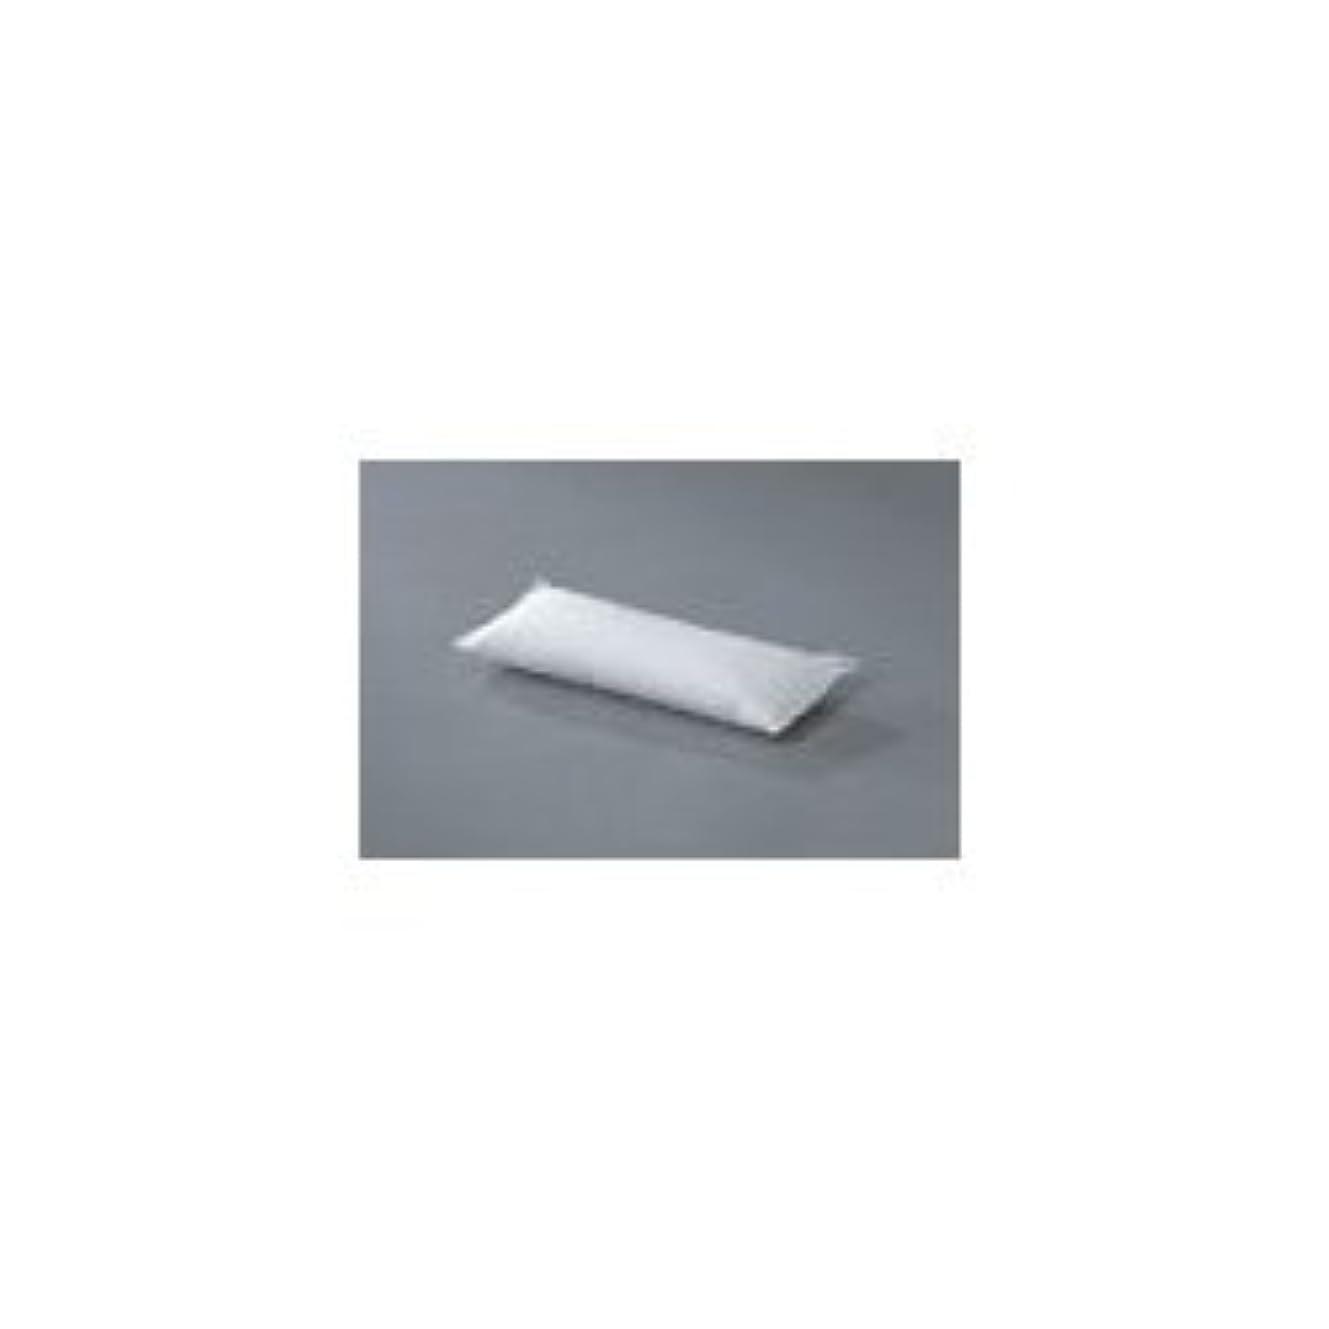 工場事実上テザージャノメ 24時間風呂 クリーンバスユニット専用電解促進剤 CLパック 7袋 (クリーンパック)